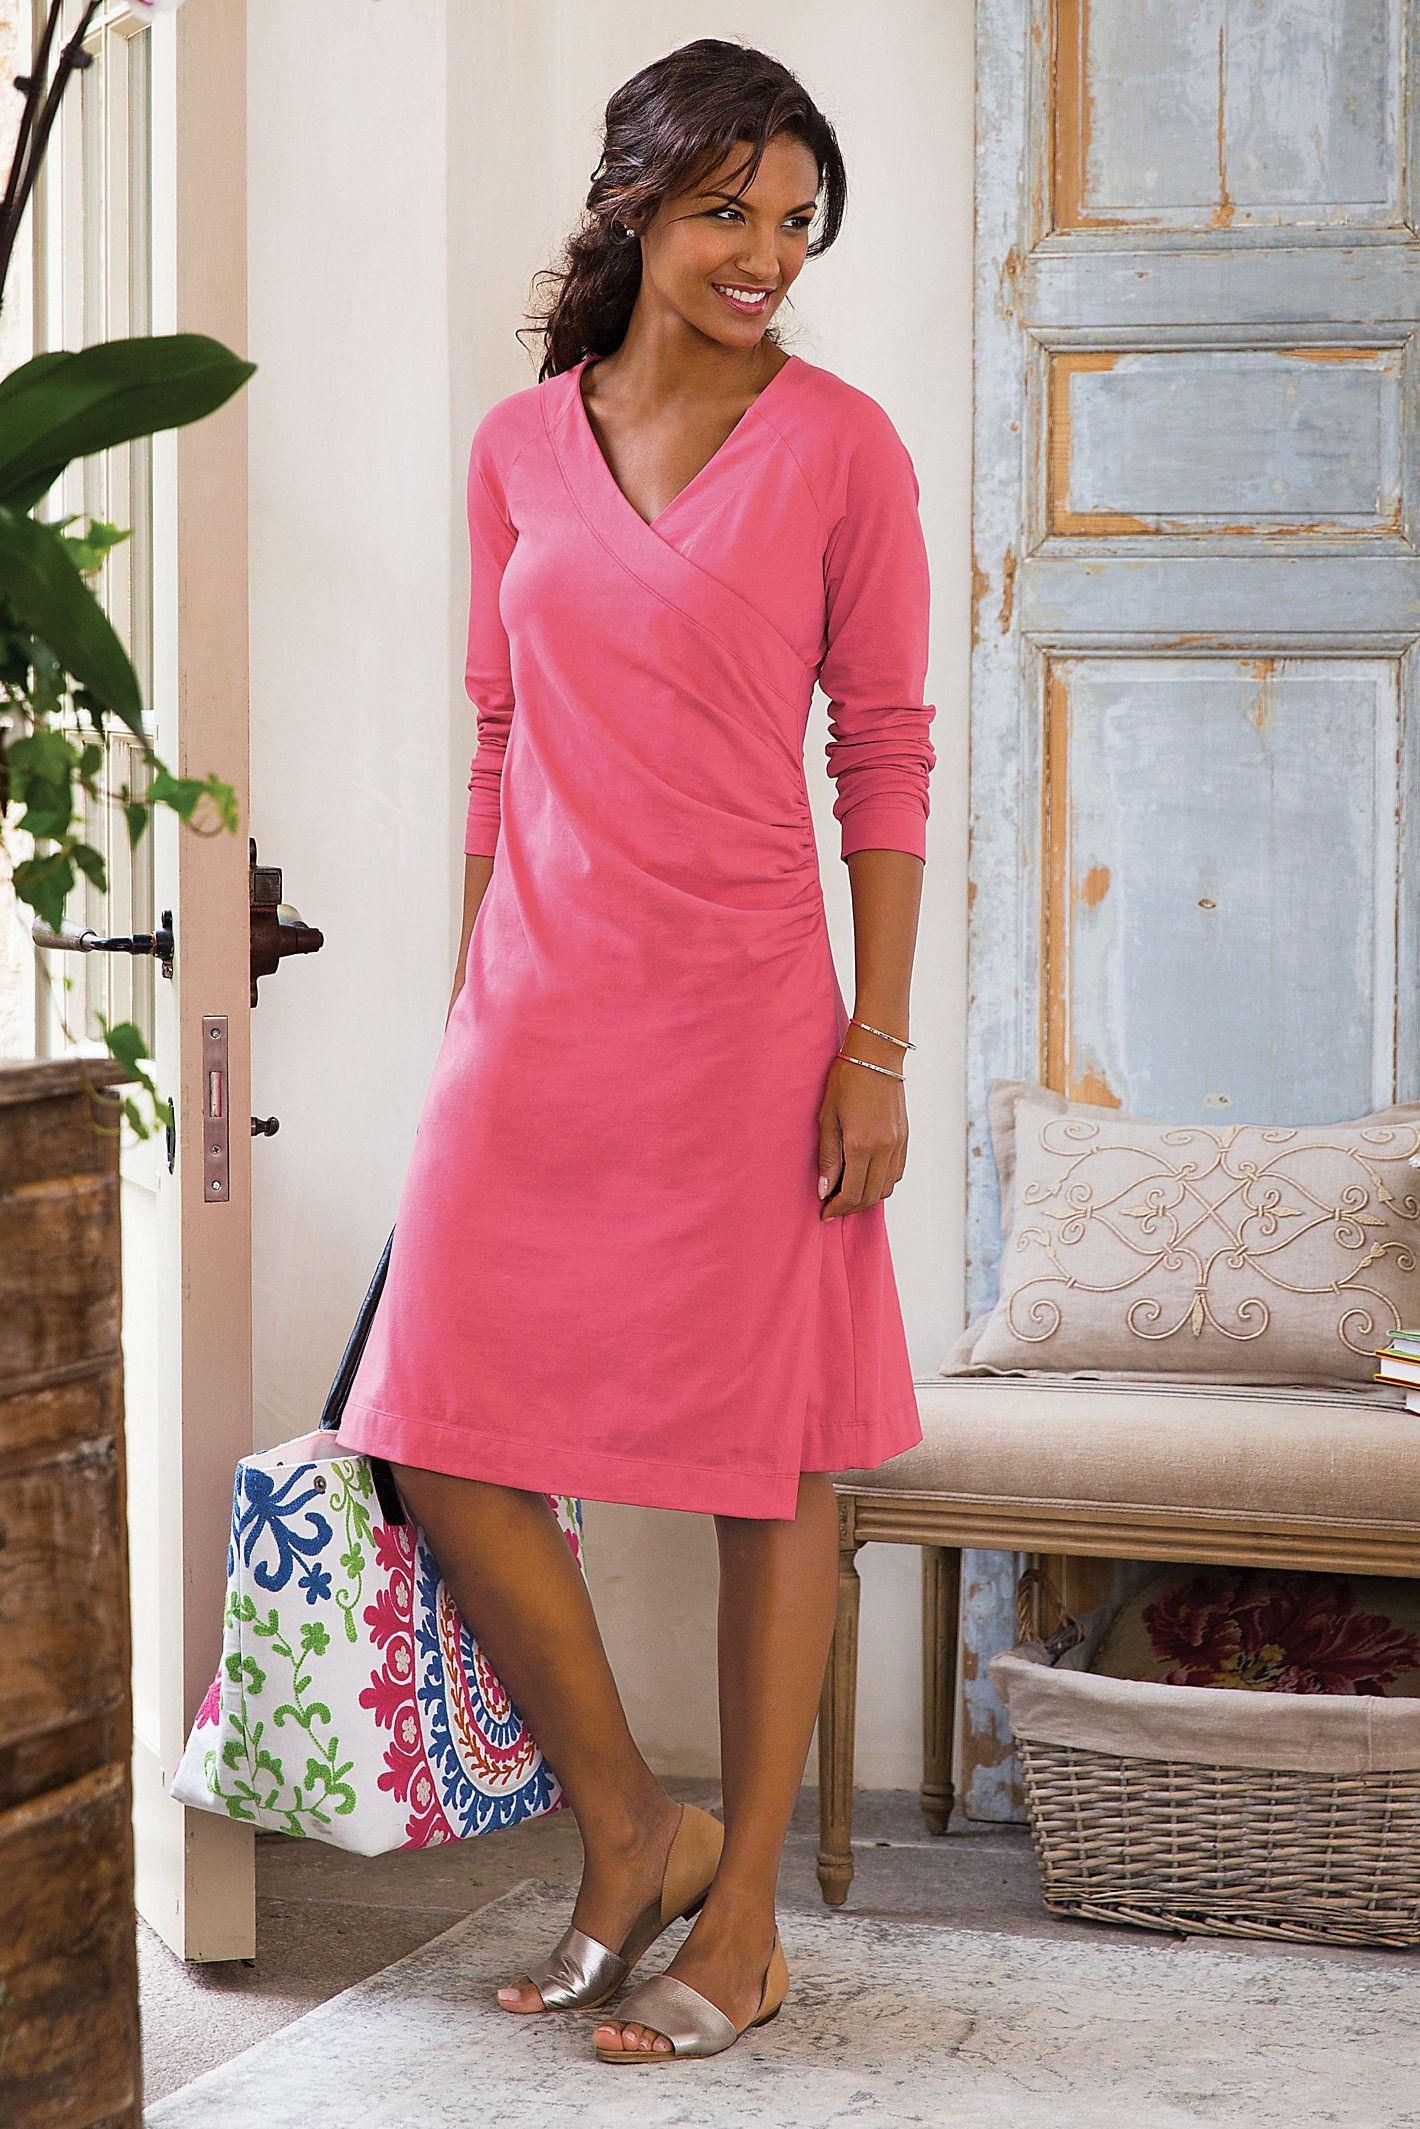 Wear Anywhere Dress | Sencillo, Comprar y Vestiditos